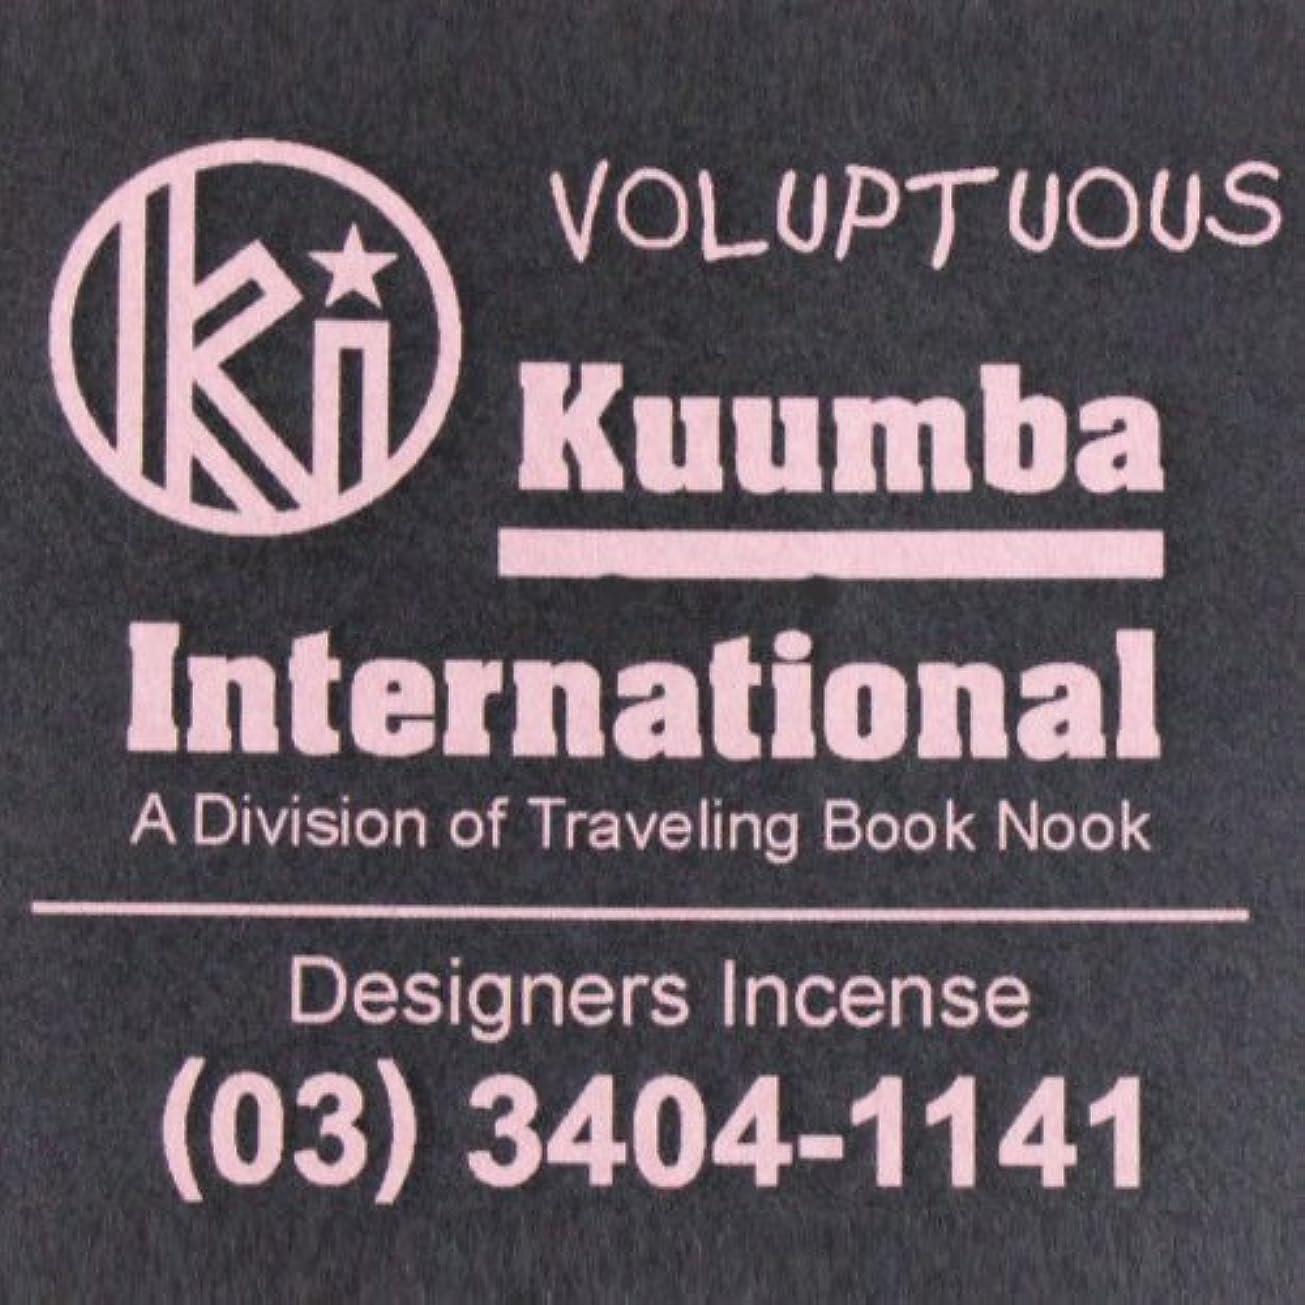 擬人化路地イデオロギーKUUMBA (クンバ)『incense』(VOLUPTUOUS) (Regular size)